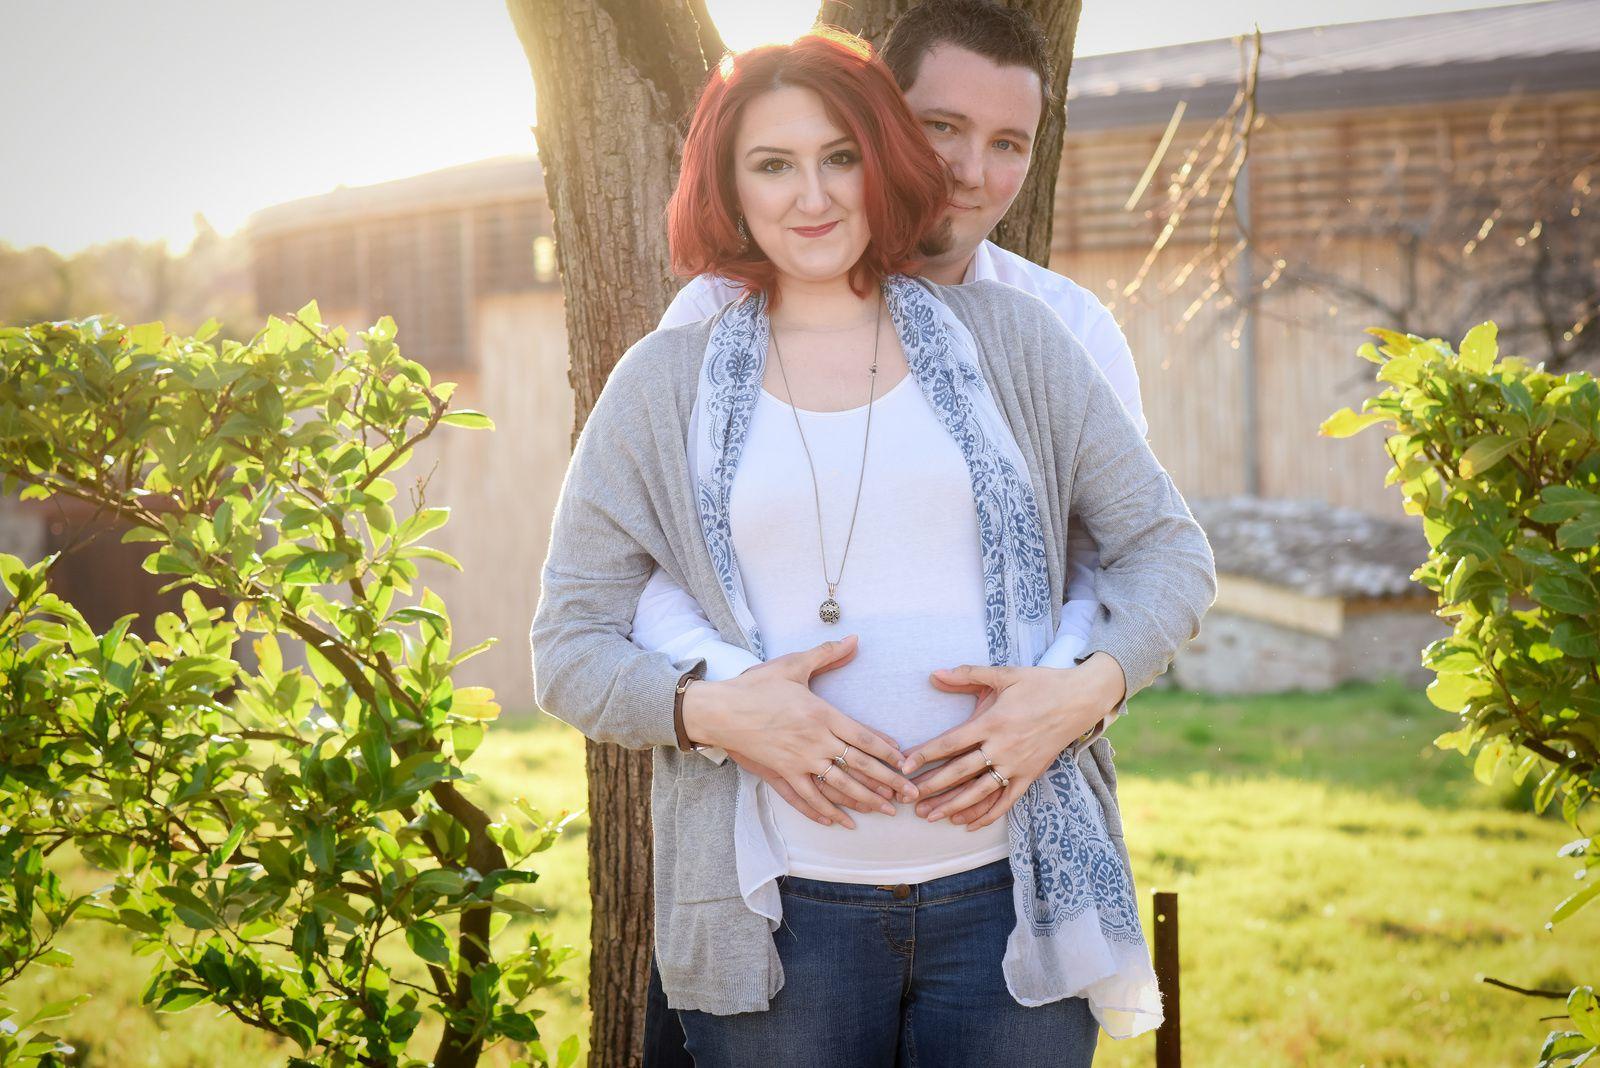 Séance photo de grossesse et lifestyle family, conseils inside